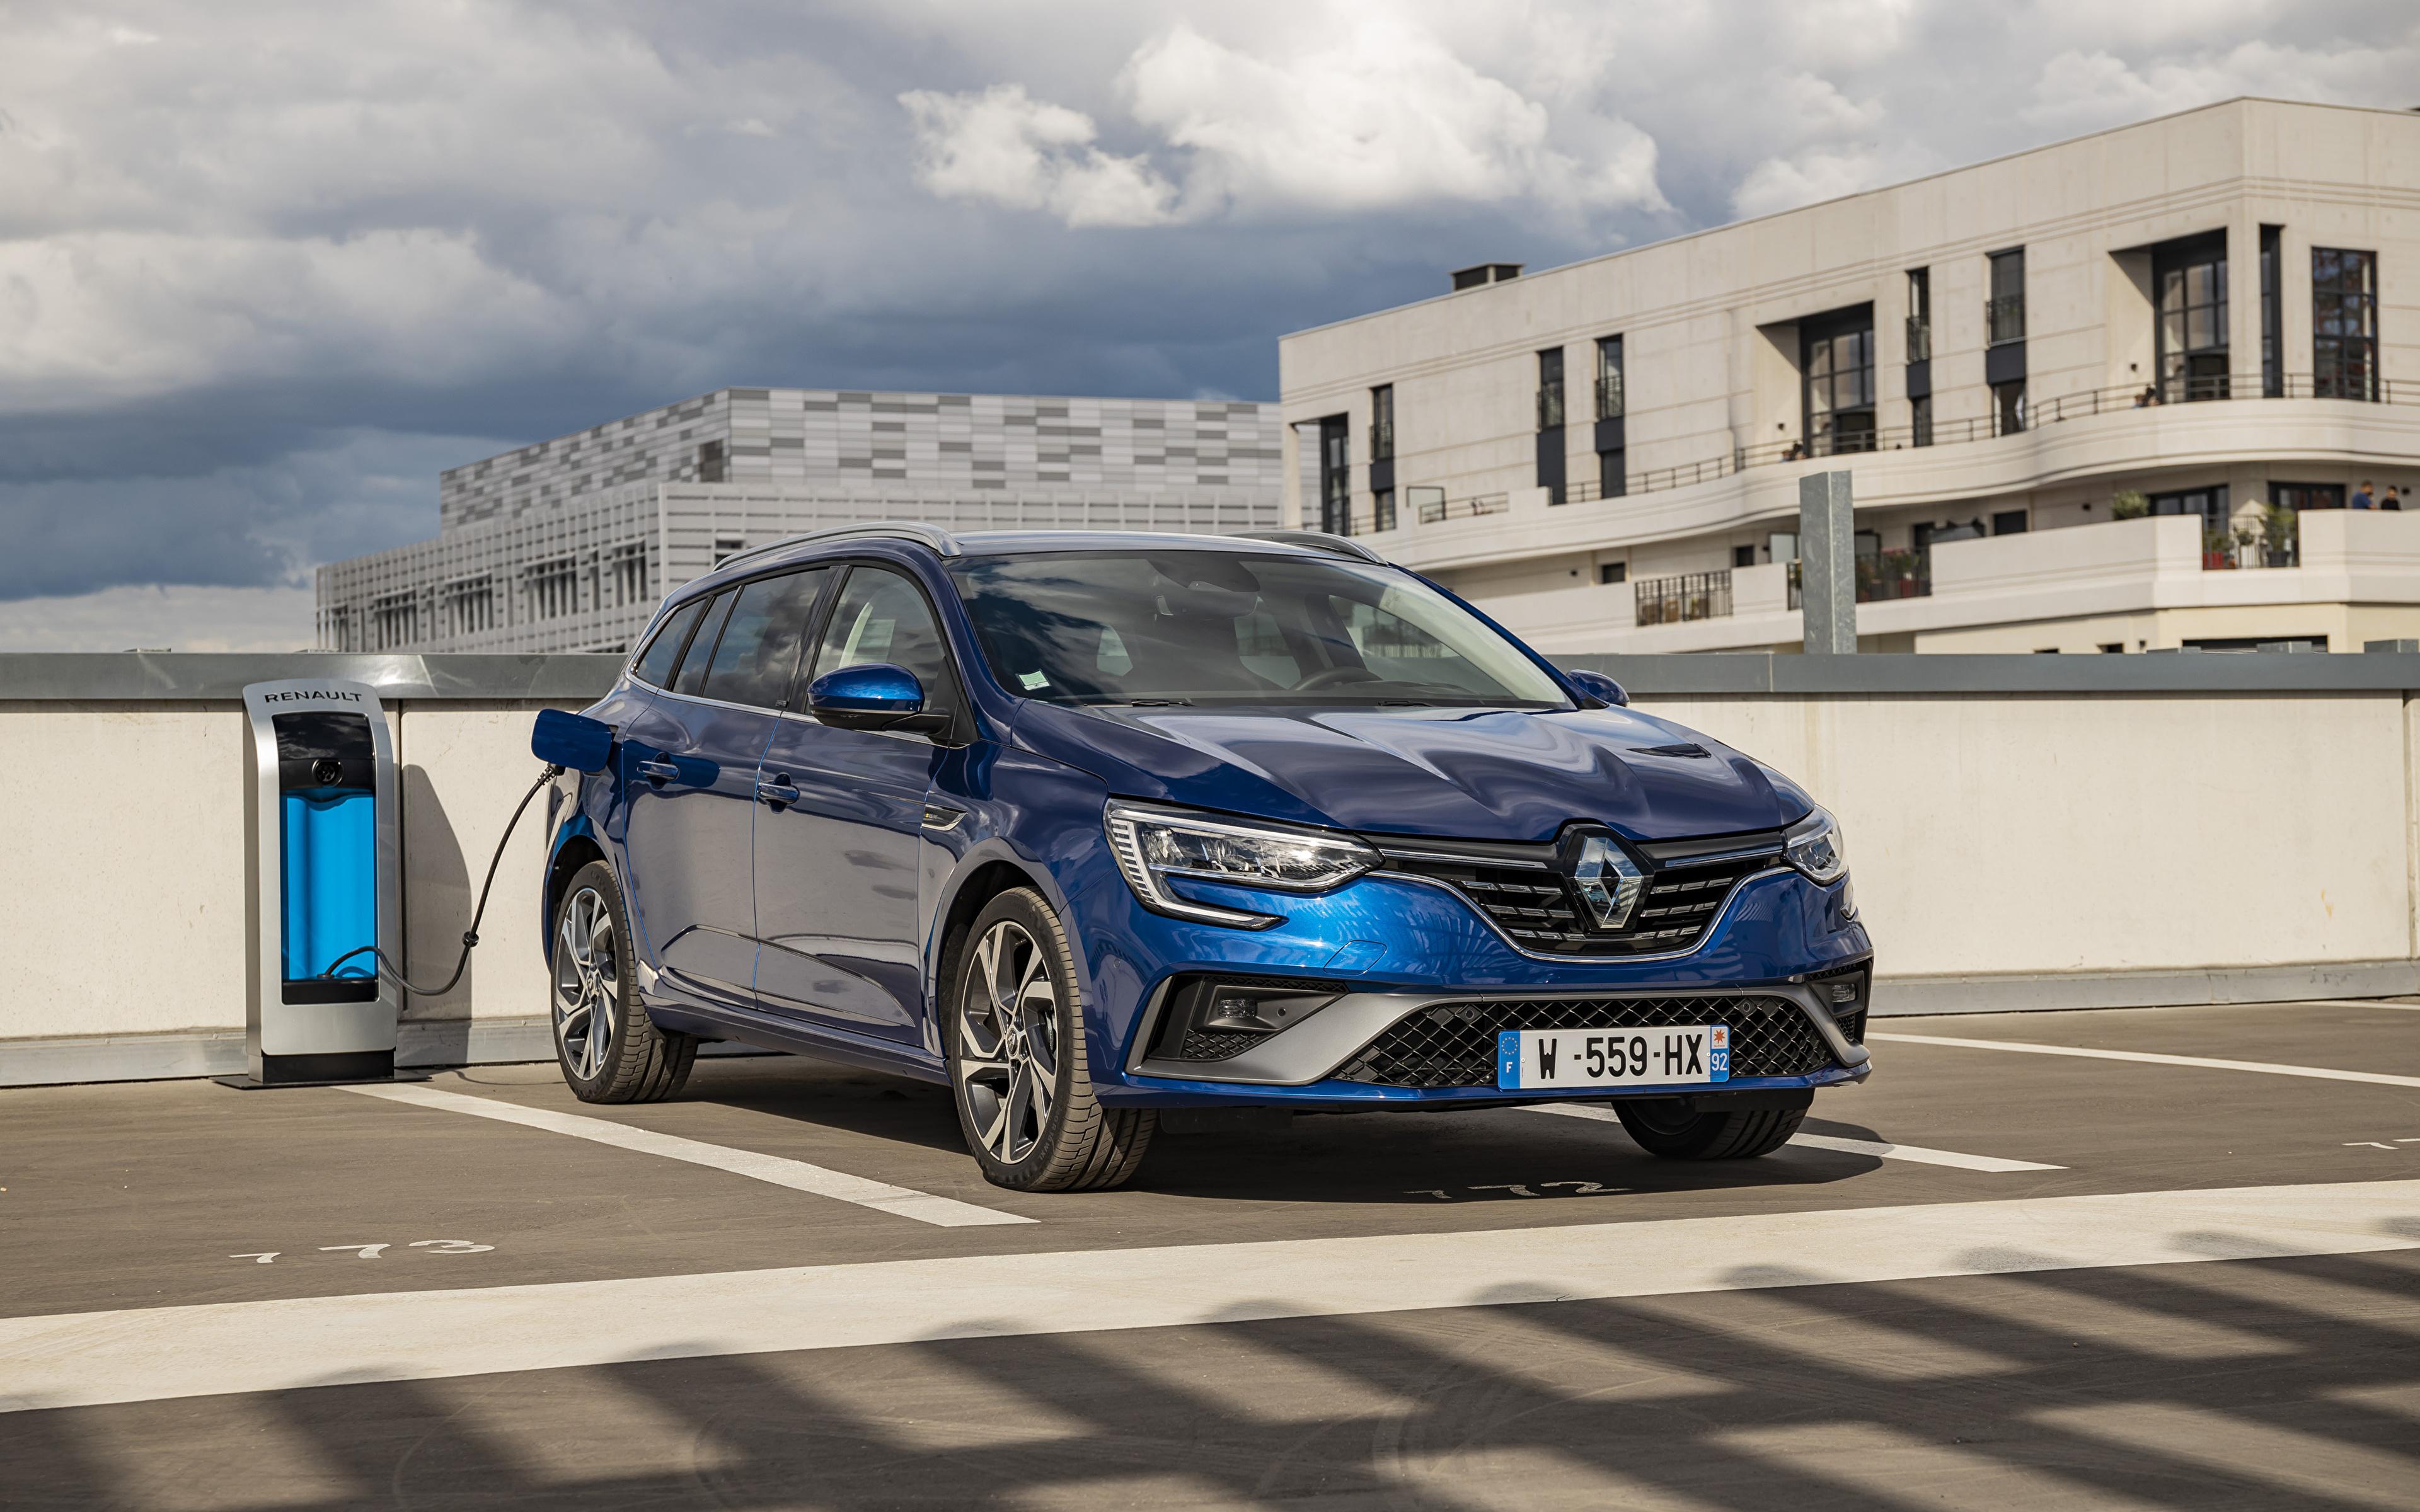 Картинки Renault 2020 Mégane E-TECH Plug-in Hybrid R.S. Line Estate Worldwide Парковка Гибридный автомобиль Синий машины Металлик 3840x2400 Рено паркинг стоянка парковке припаркованная синяя синие синих авто машина Автомобили автомобиль